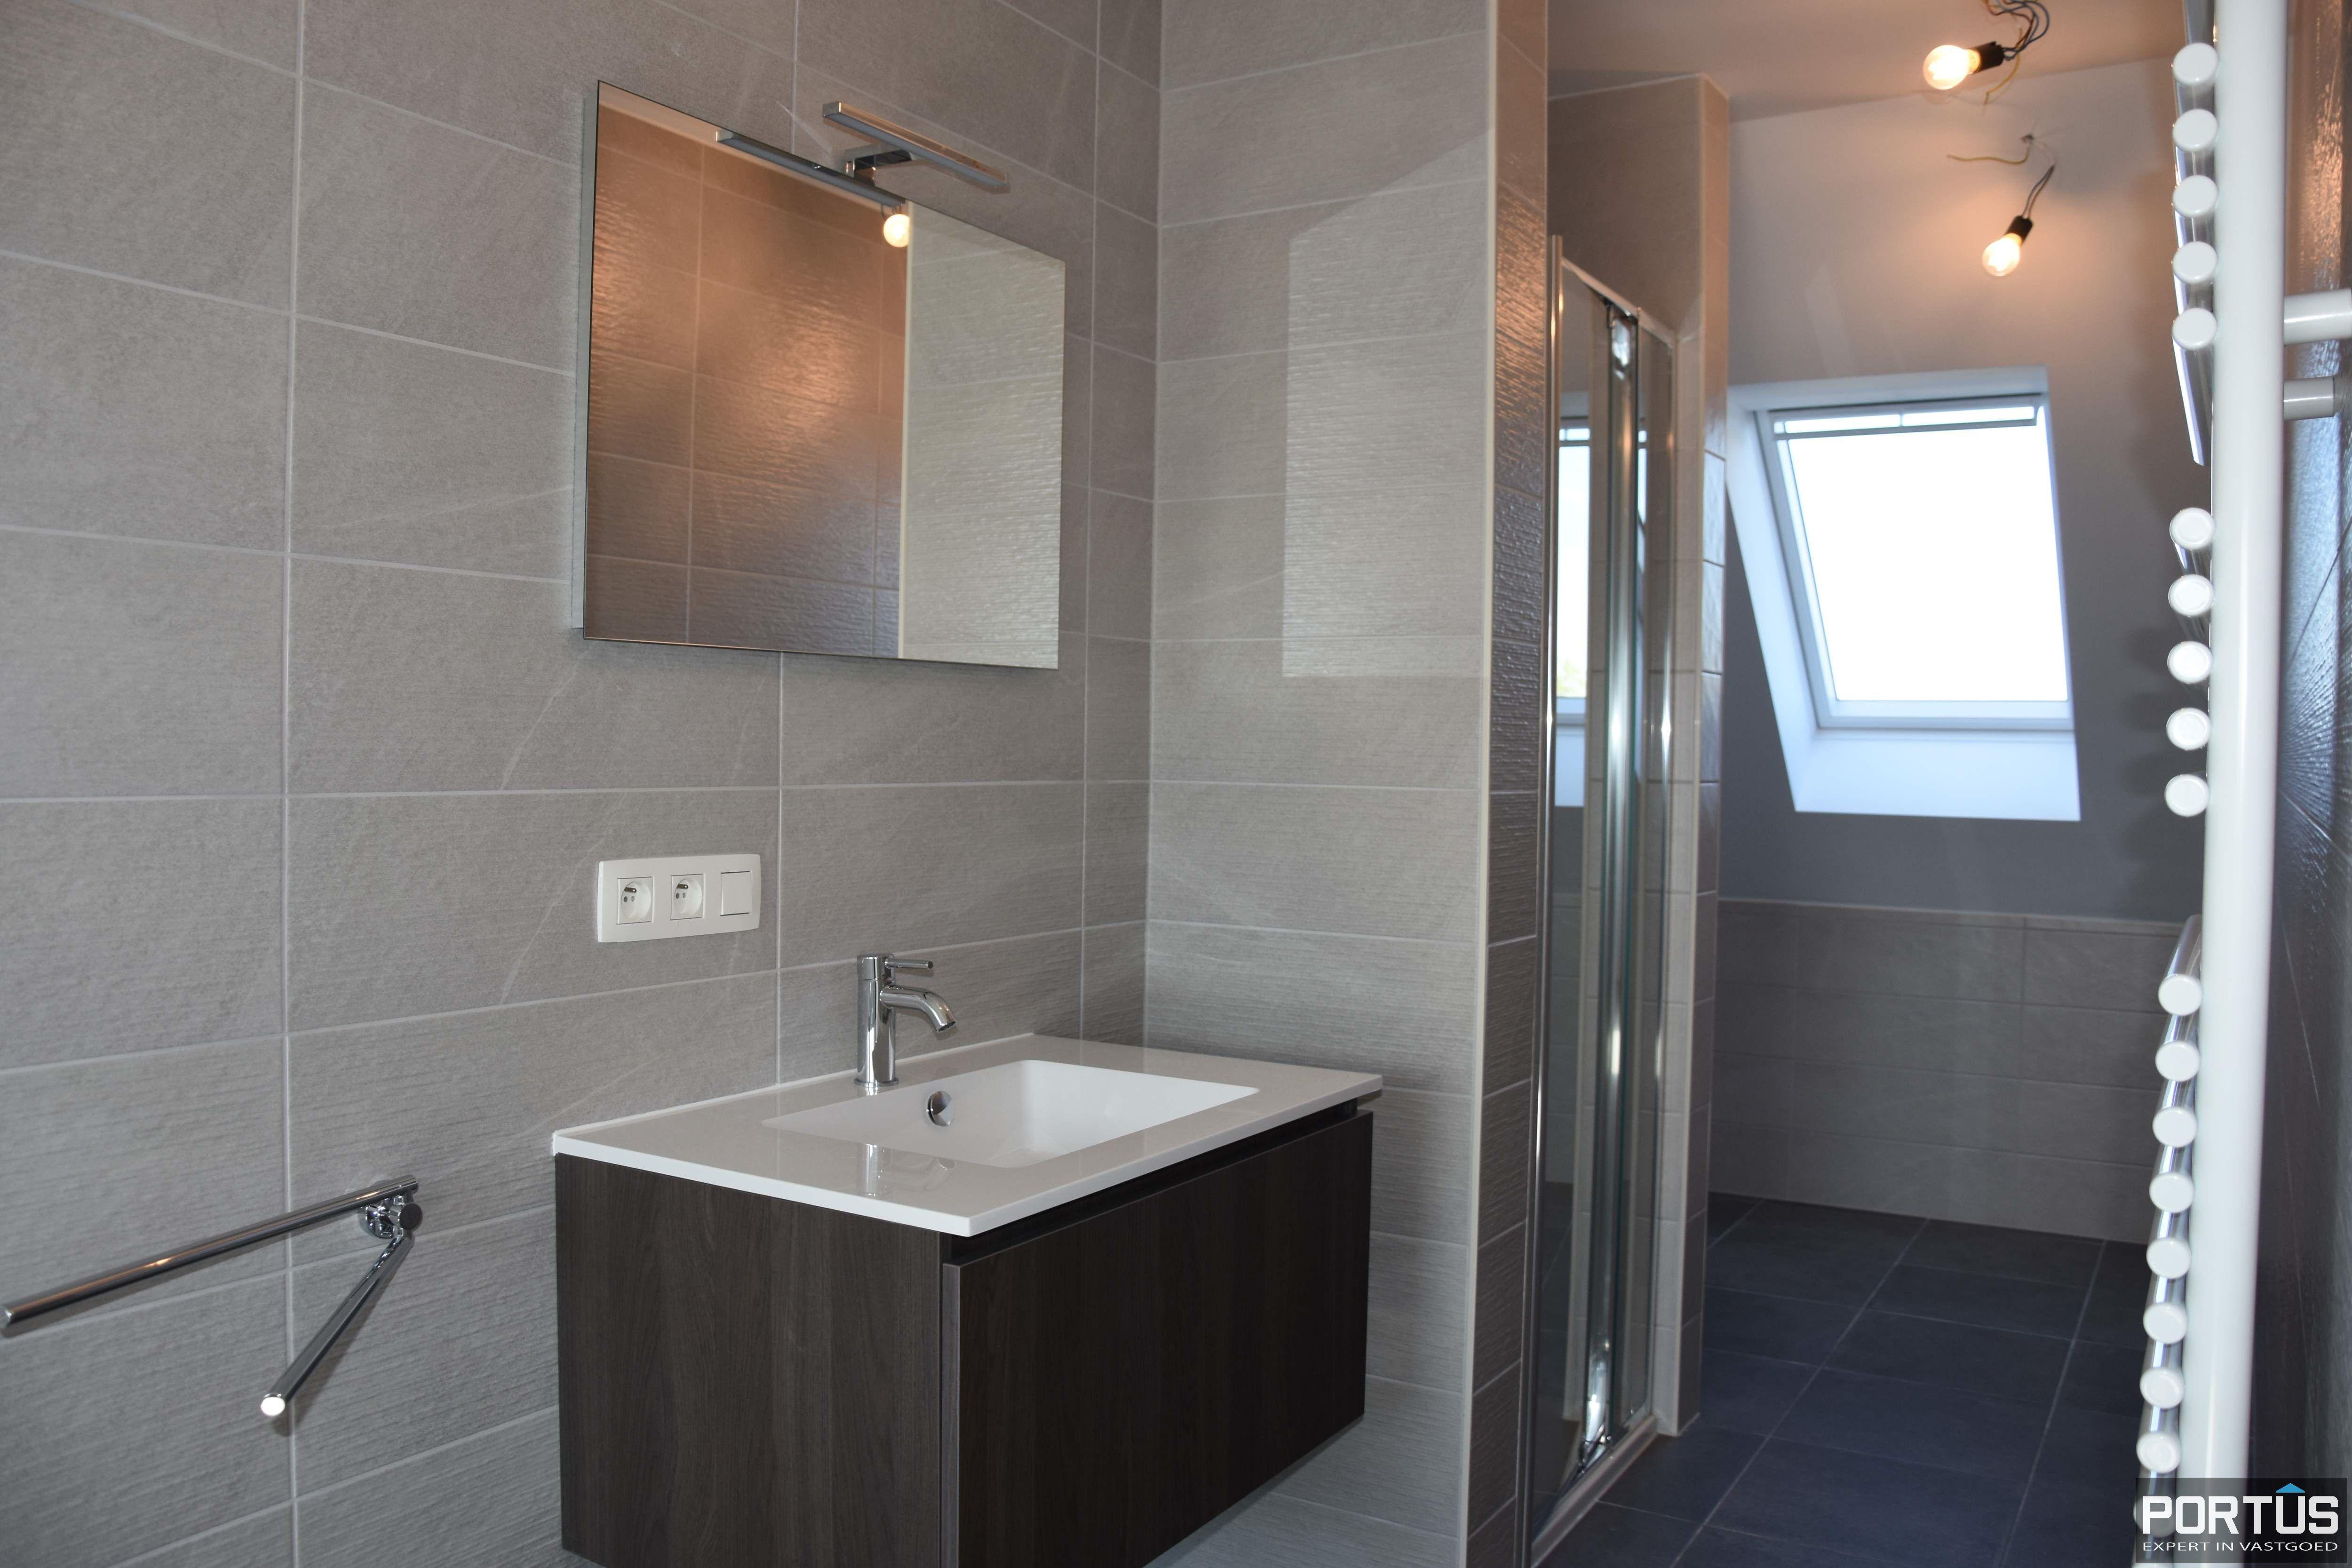 Nieuwbouw duplex-appartement met 2 slaapkamers te huur - 11011